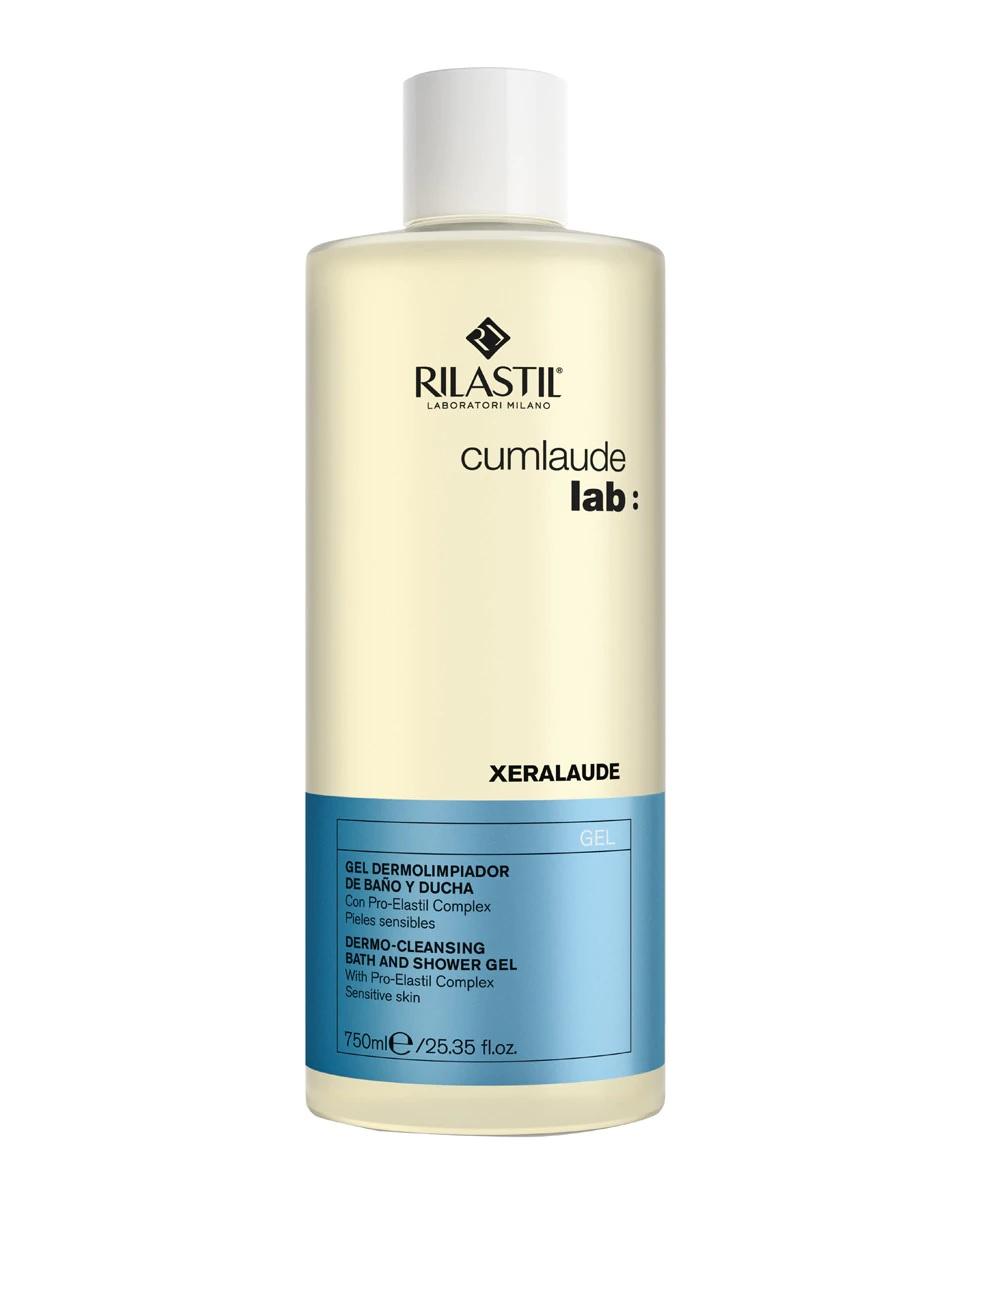 Jabón corporal dermolimpiador de baño y ducha Xeralaude de Cumlaude Lab